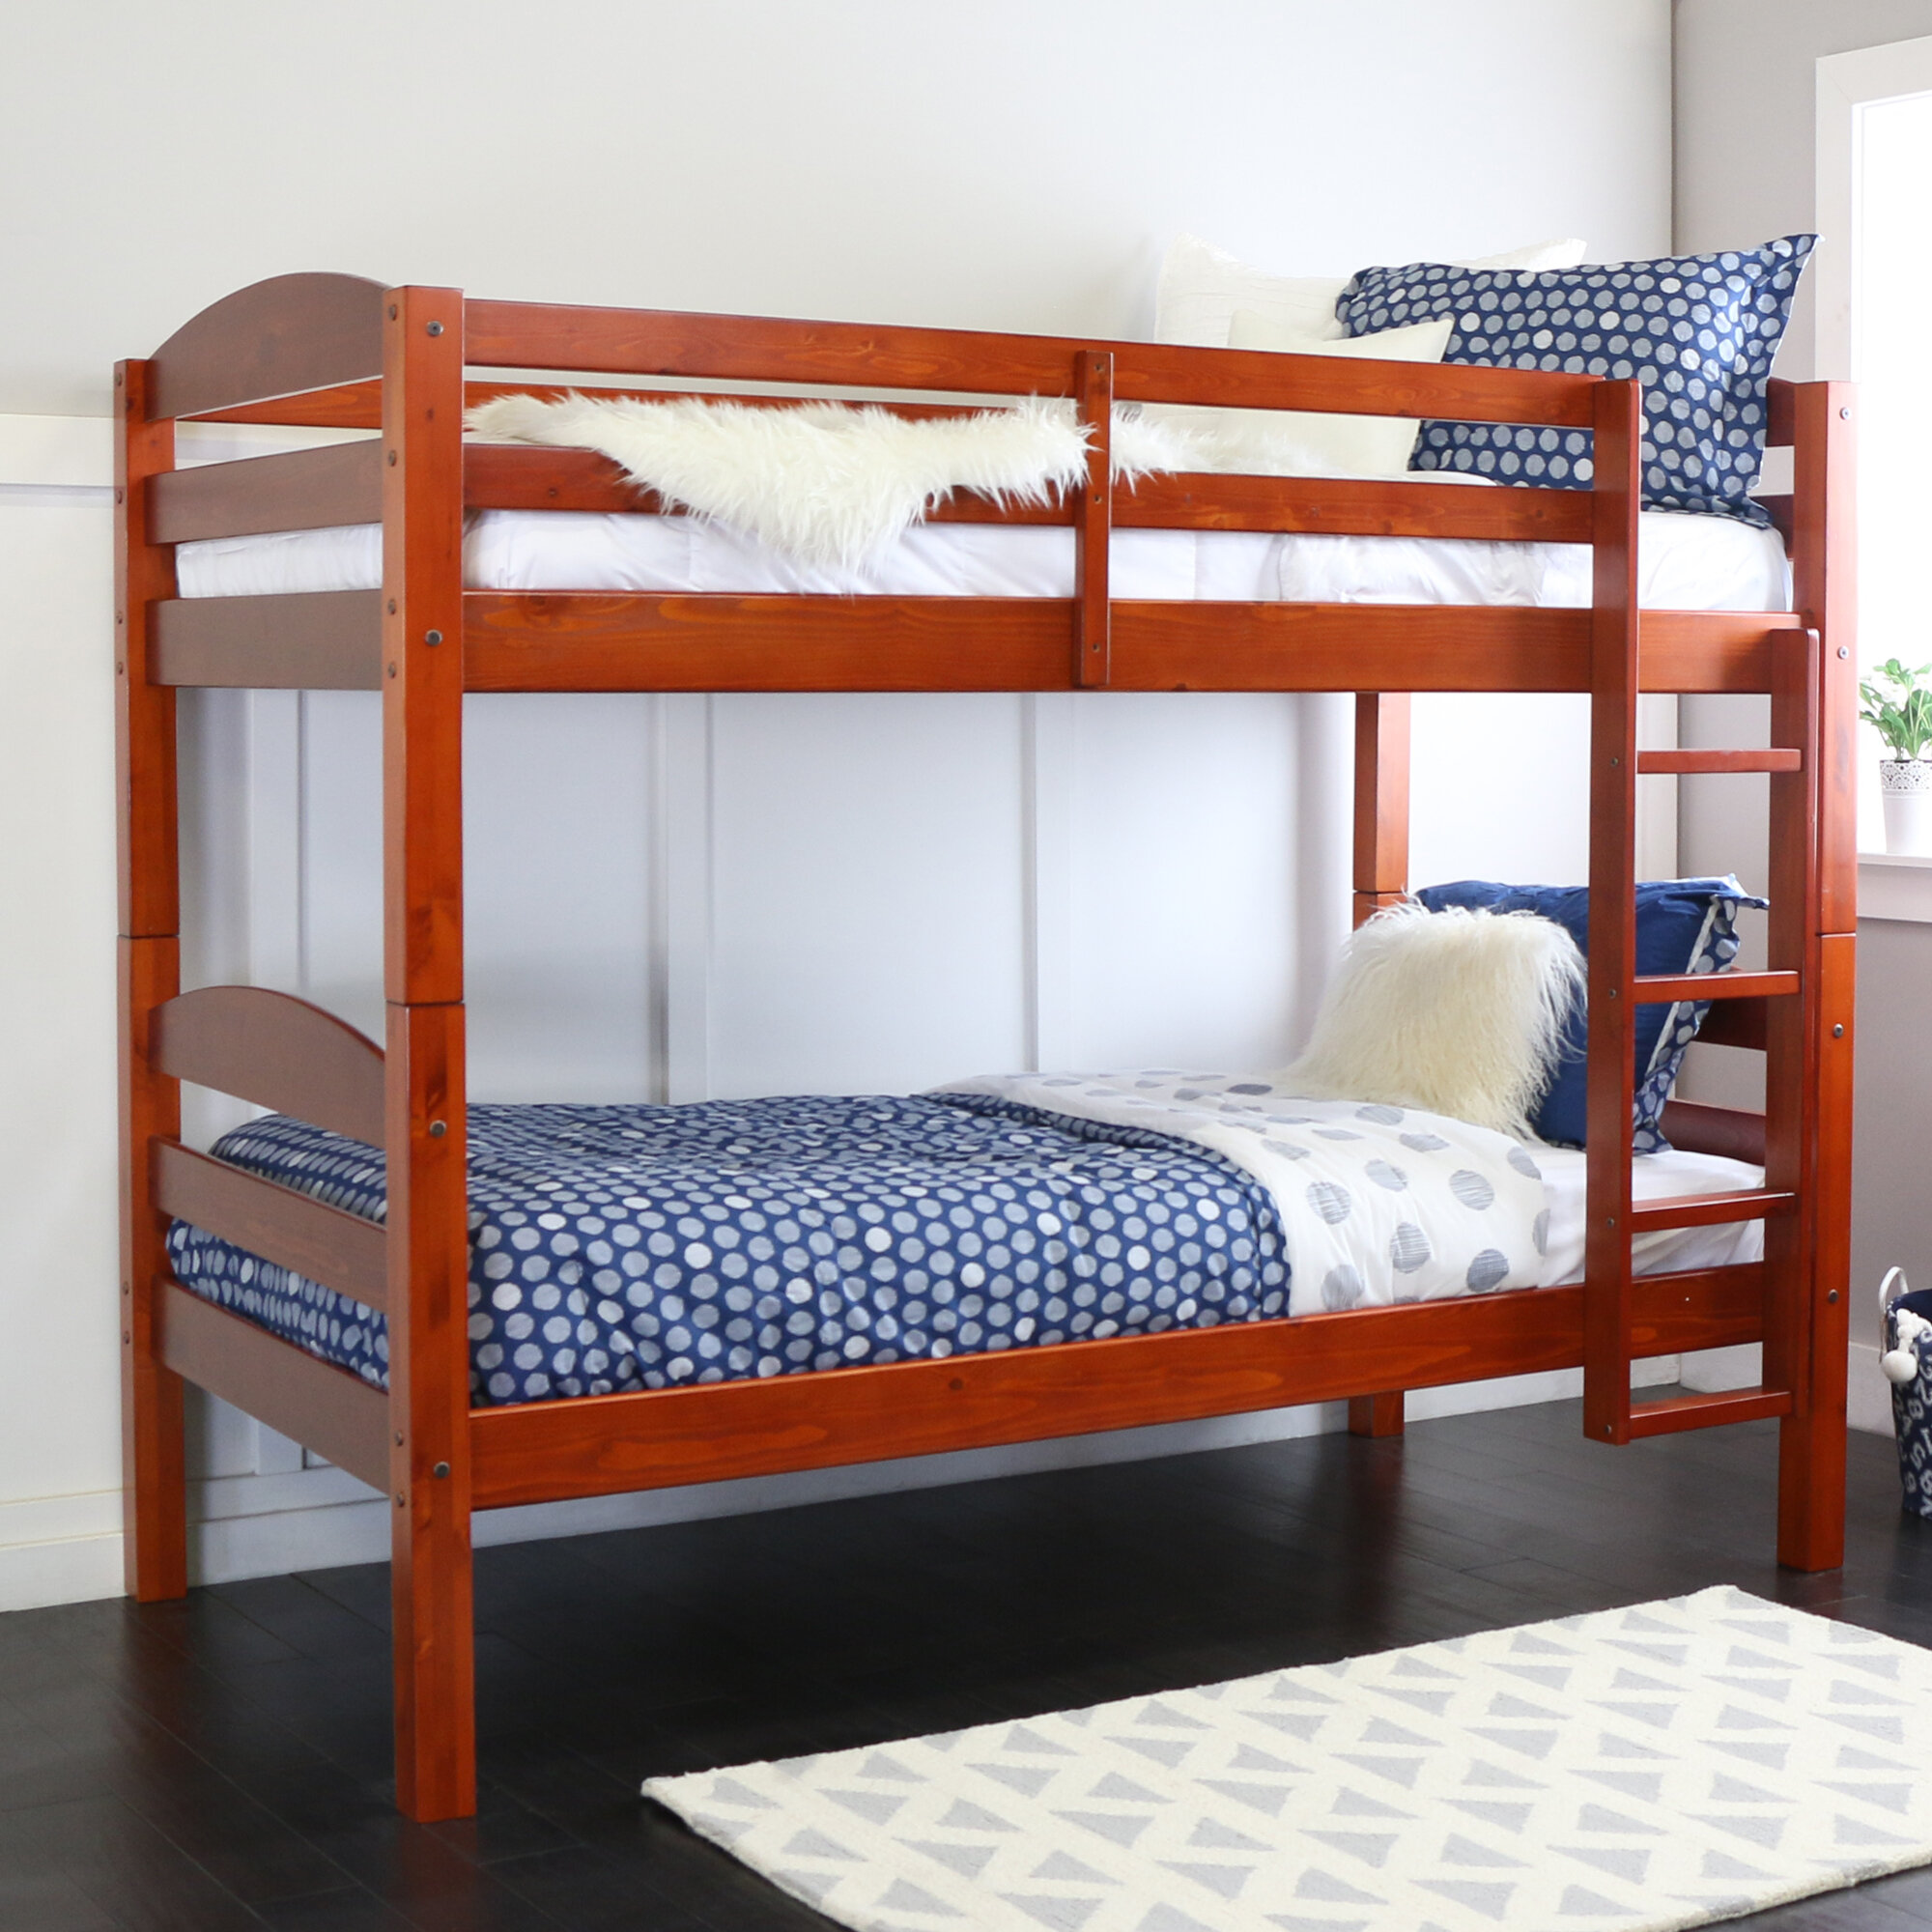 Bunk Loft Beds You Ll Love Wayfair Ca